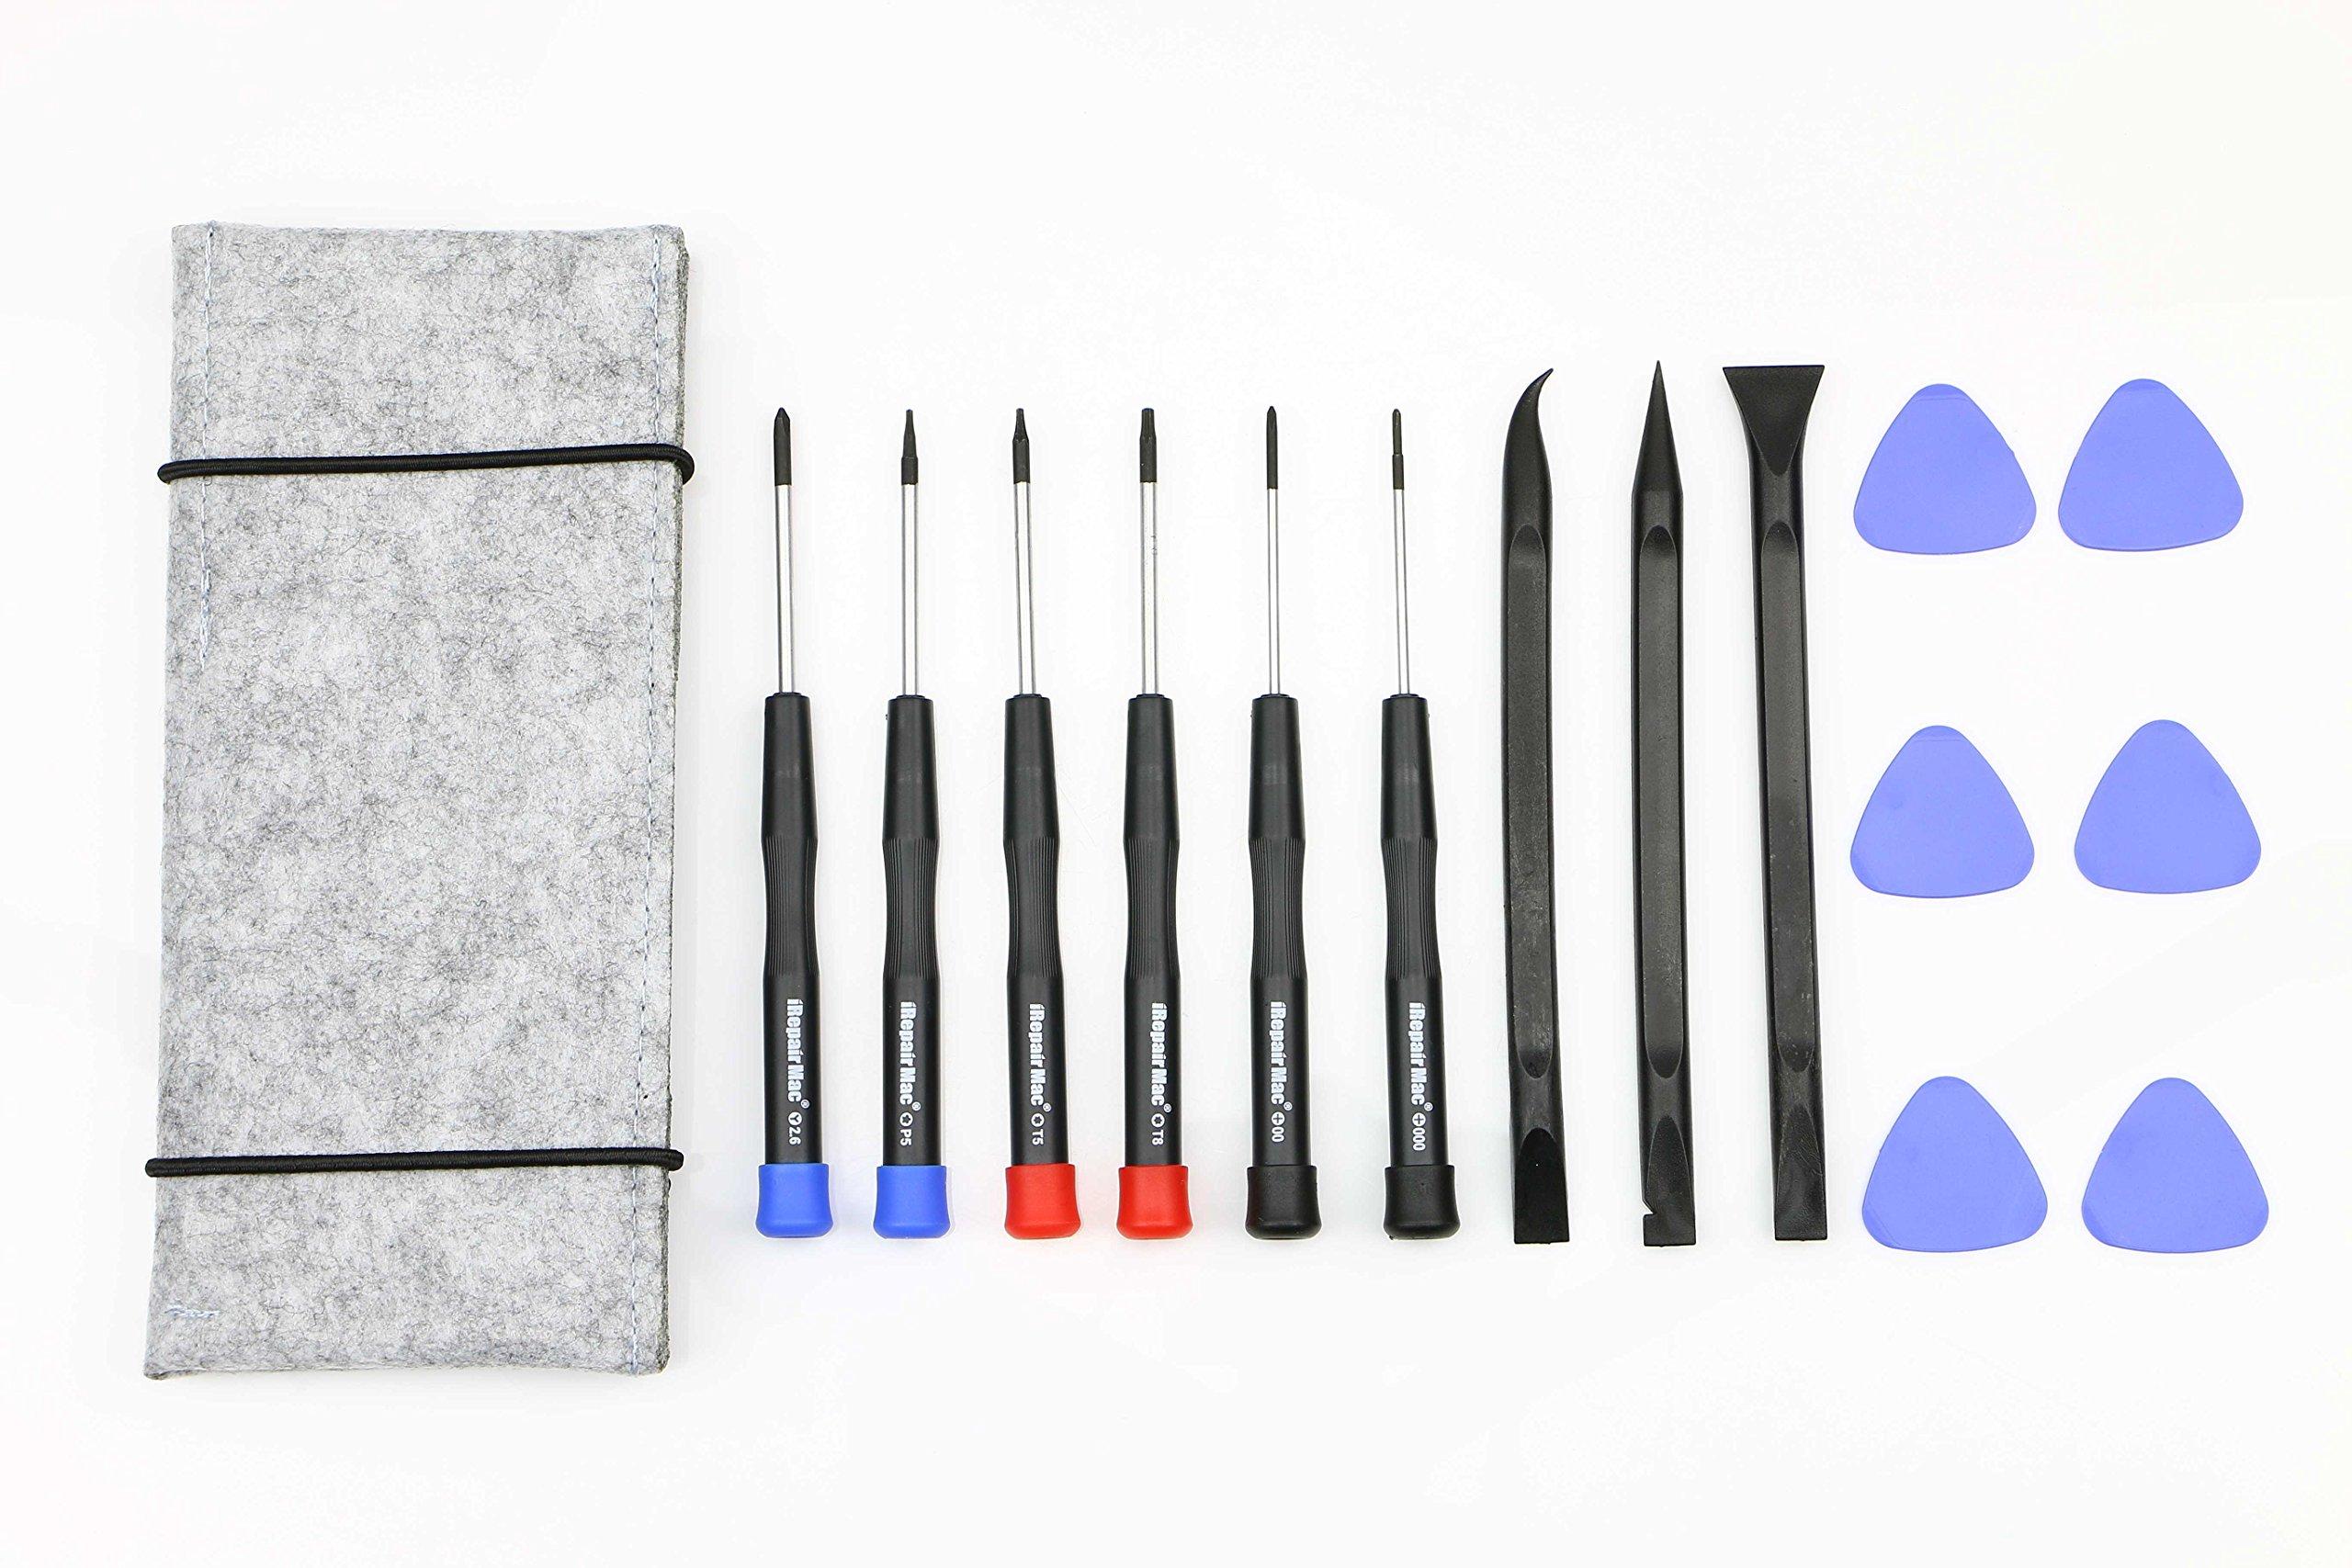 15 Pcs MacBook Repair Tool Kit , Screwdrivers, Opening pick, Plastic Spudger and Tool Bag for MacBook Air Retina Pro